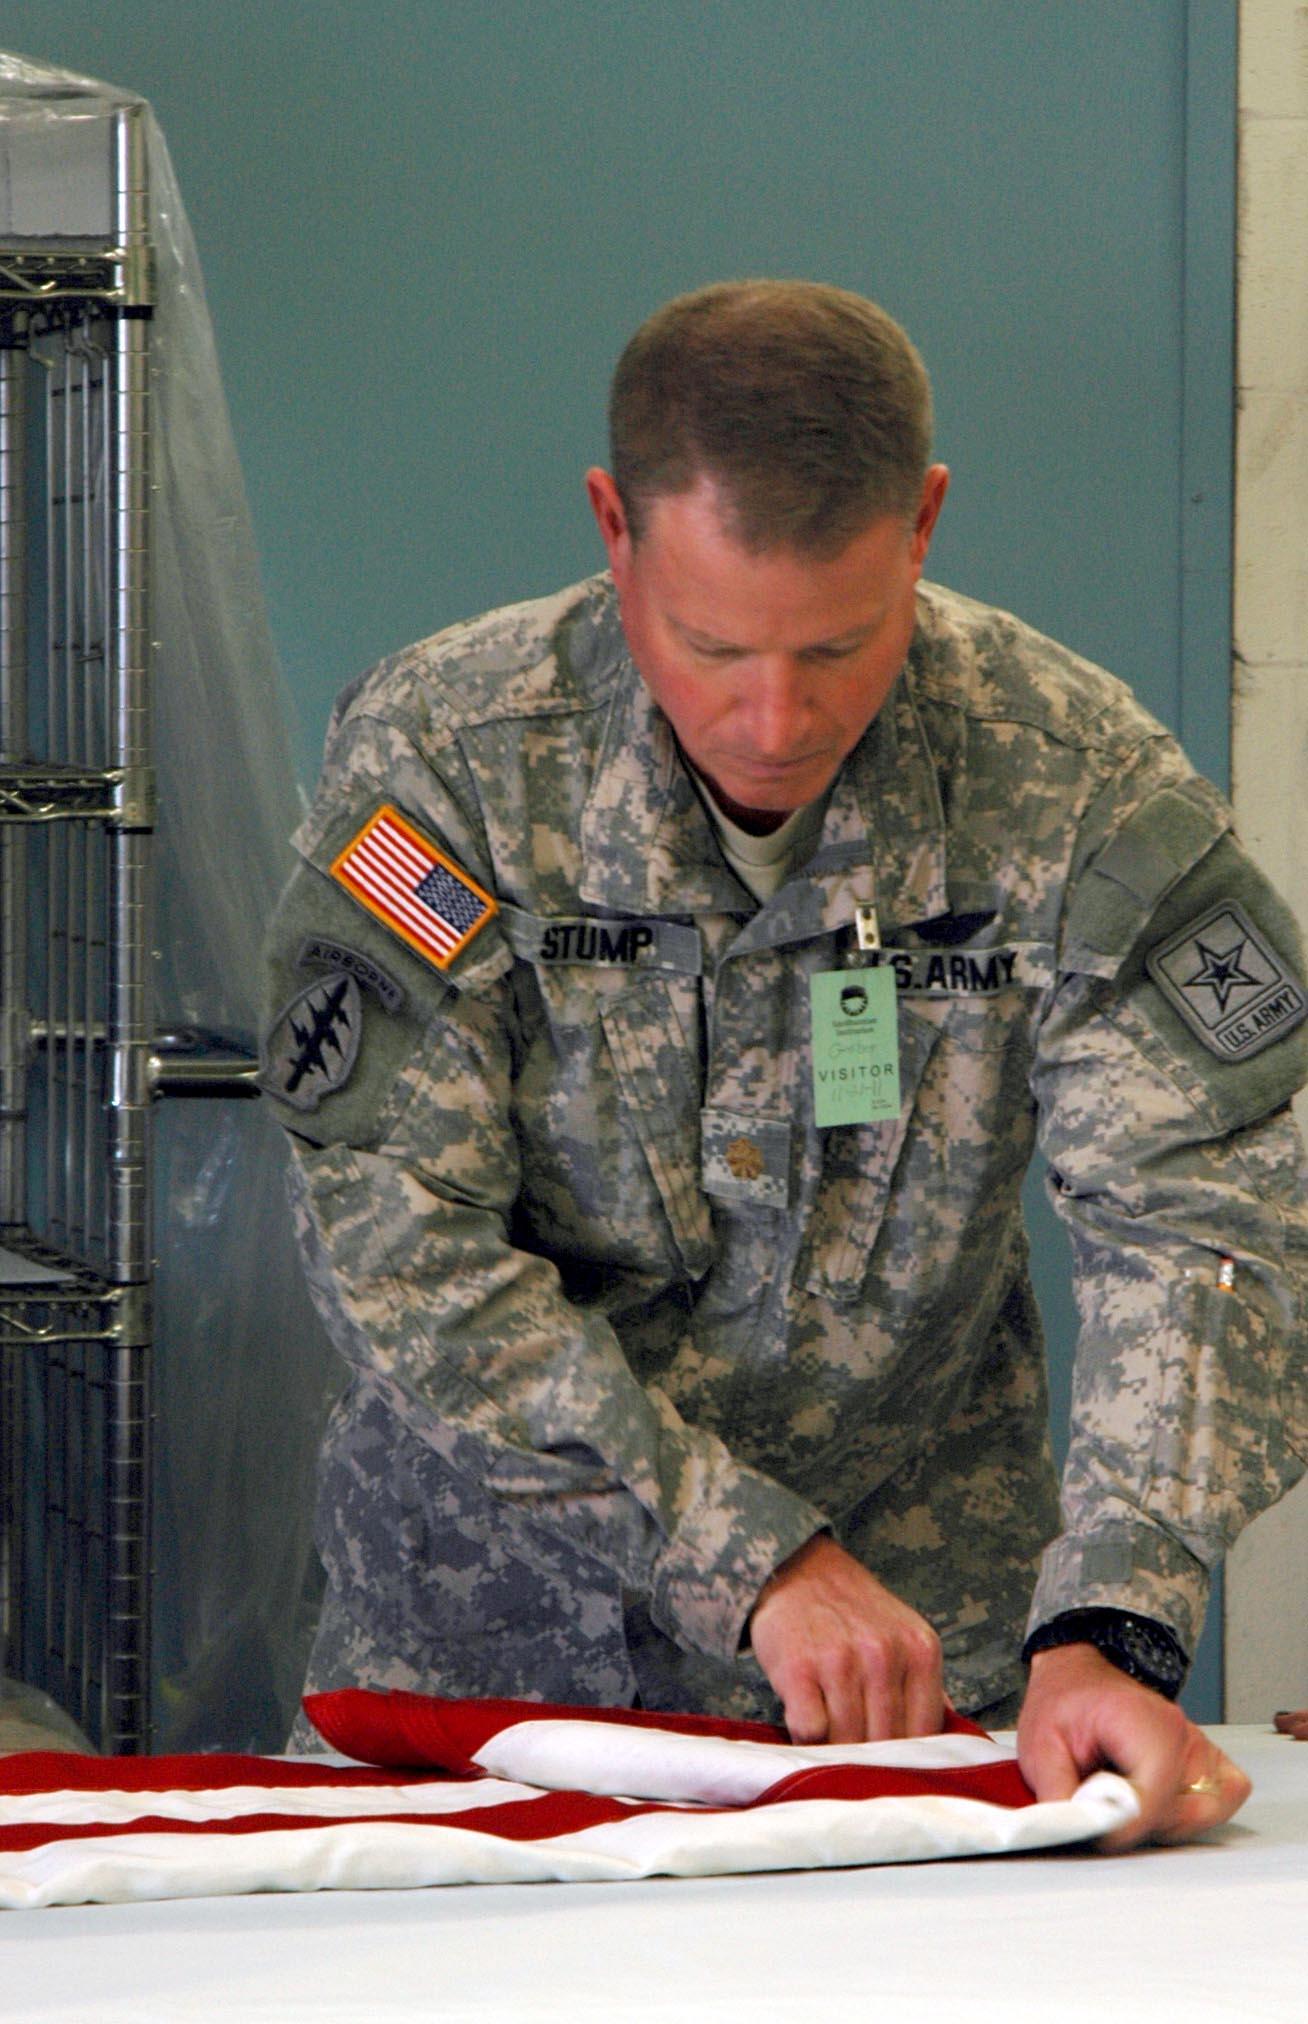 Major Warren R. Stump